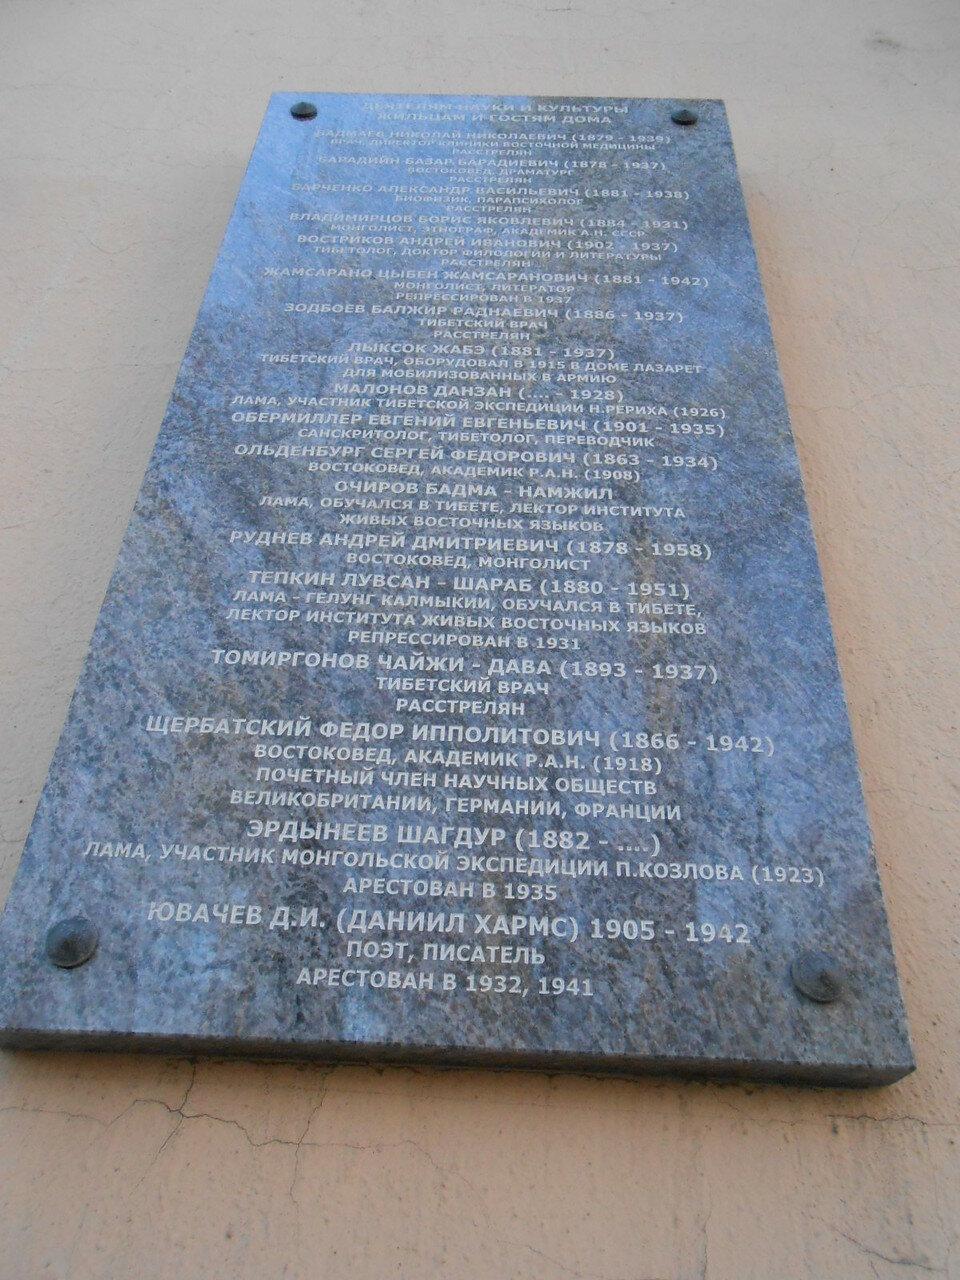 Петербург. Памятная доска на здании возле дацана.